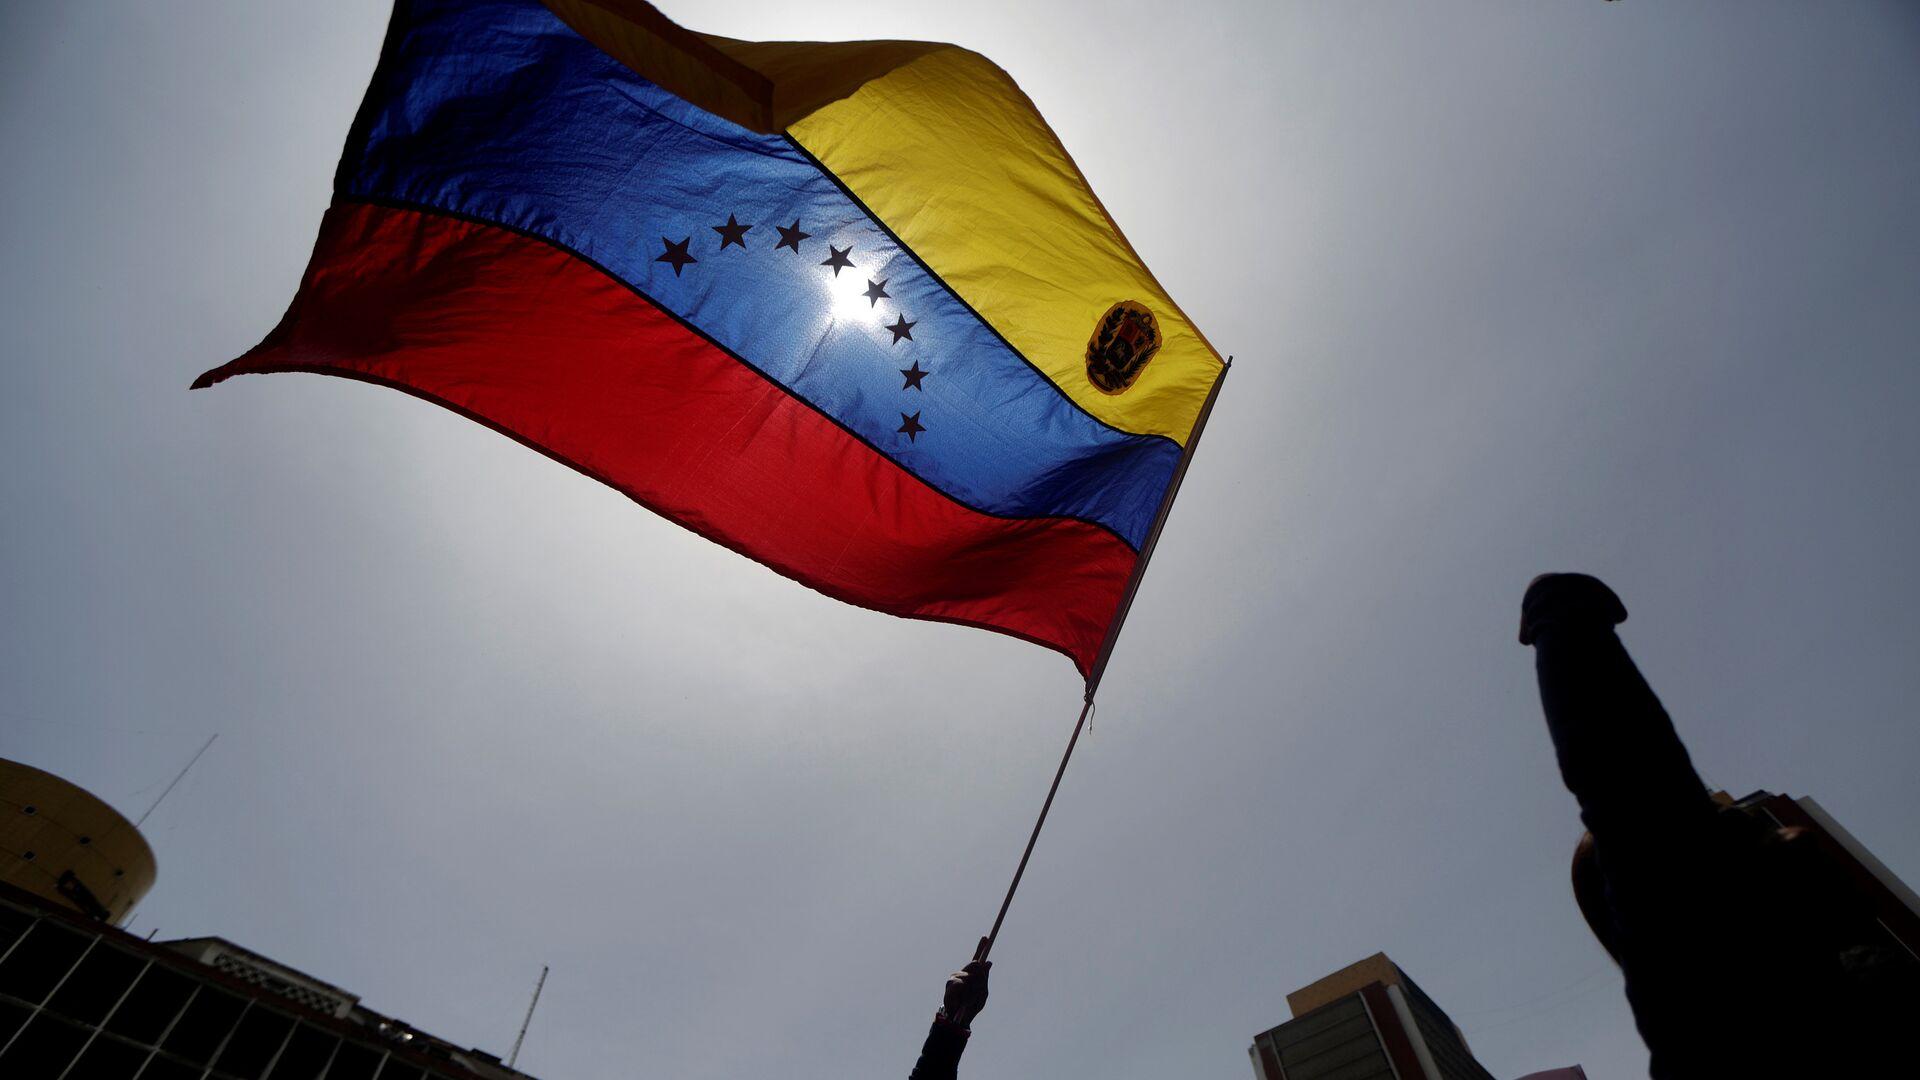 La bandera de Venezuela - Sputnik Mundo, 1920, 28.09.2021